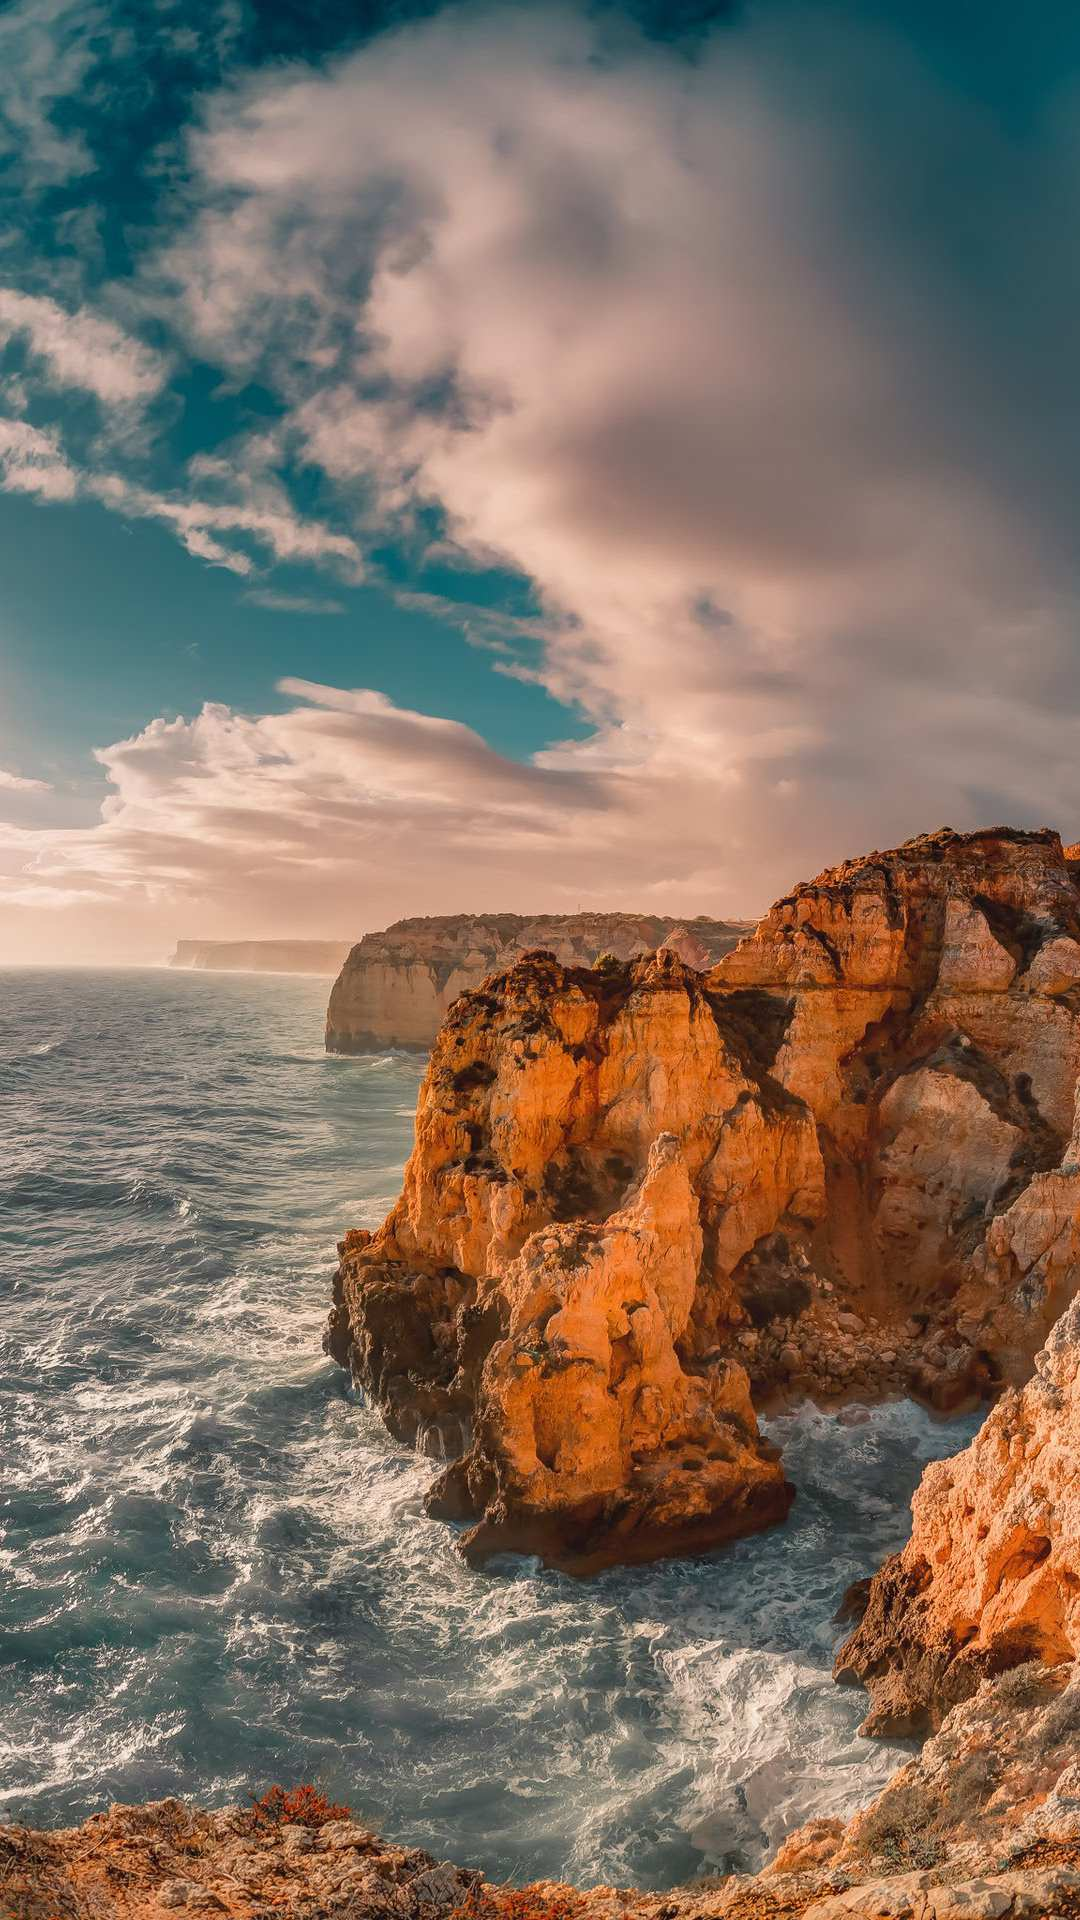 Ocean Rocks Nature iPhone Wallpaper